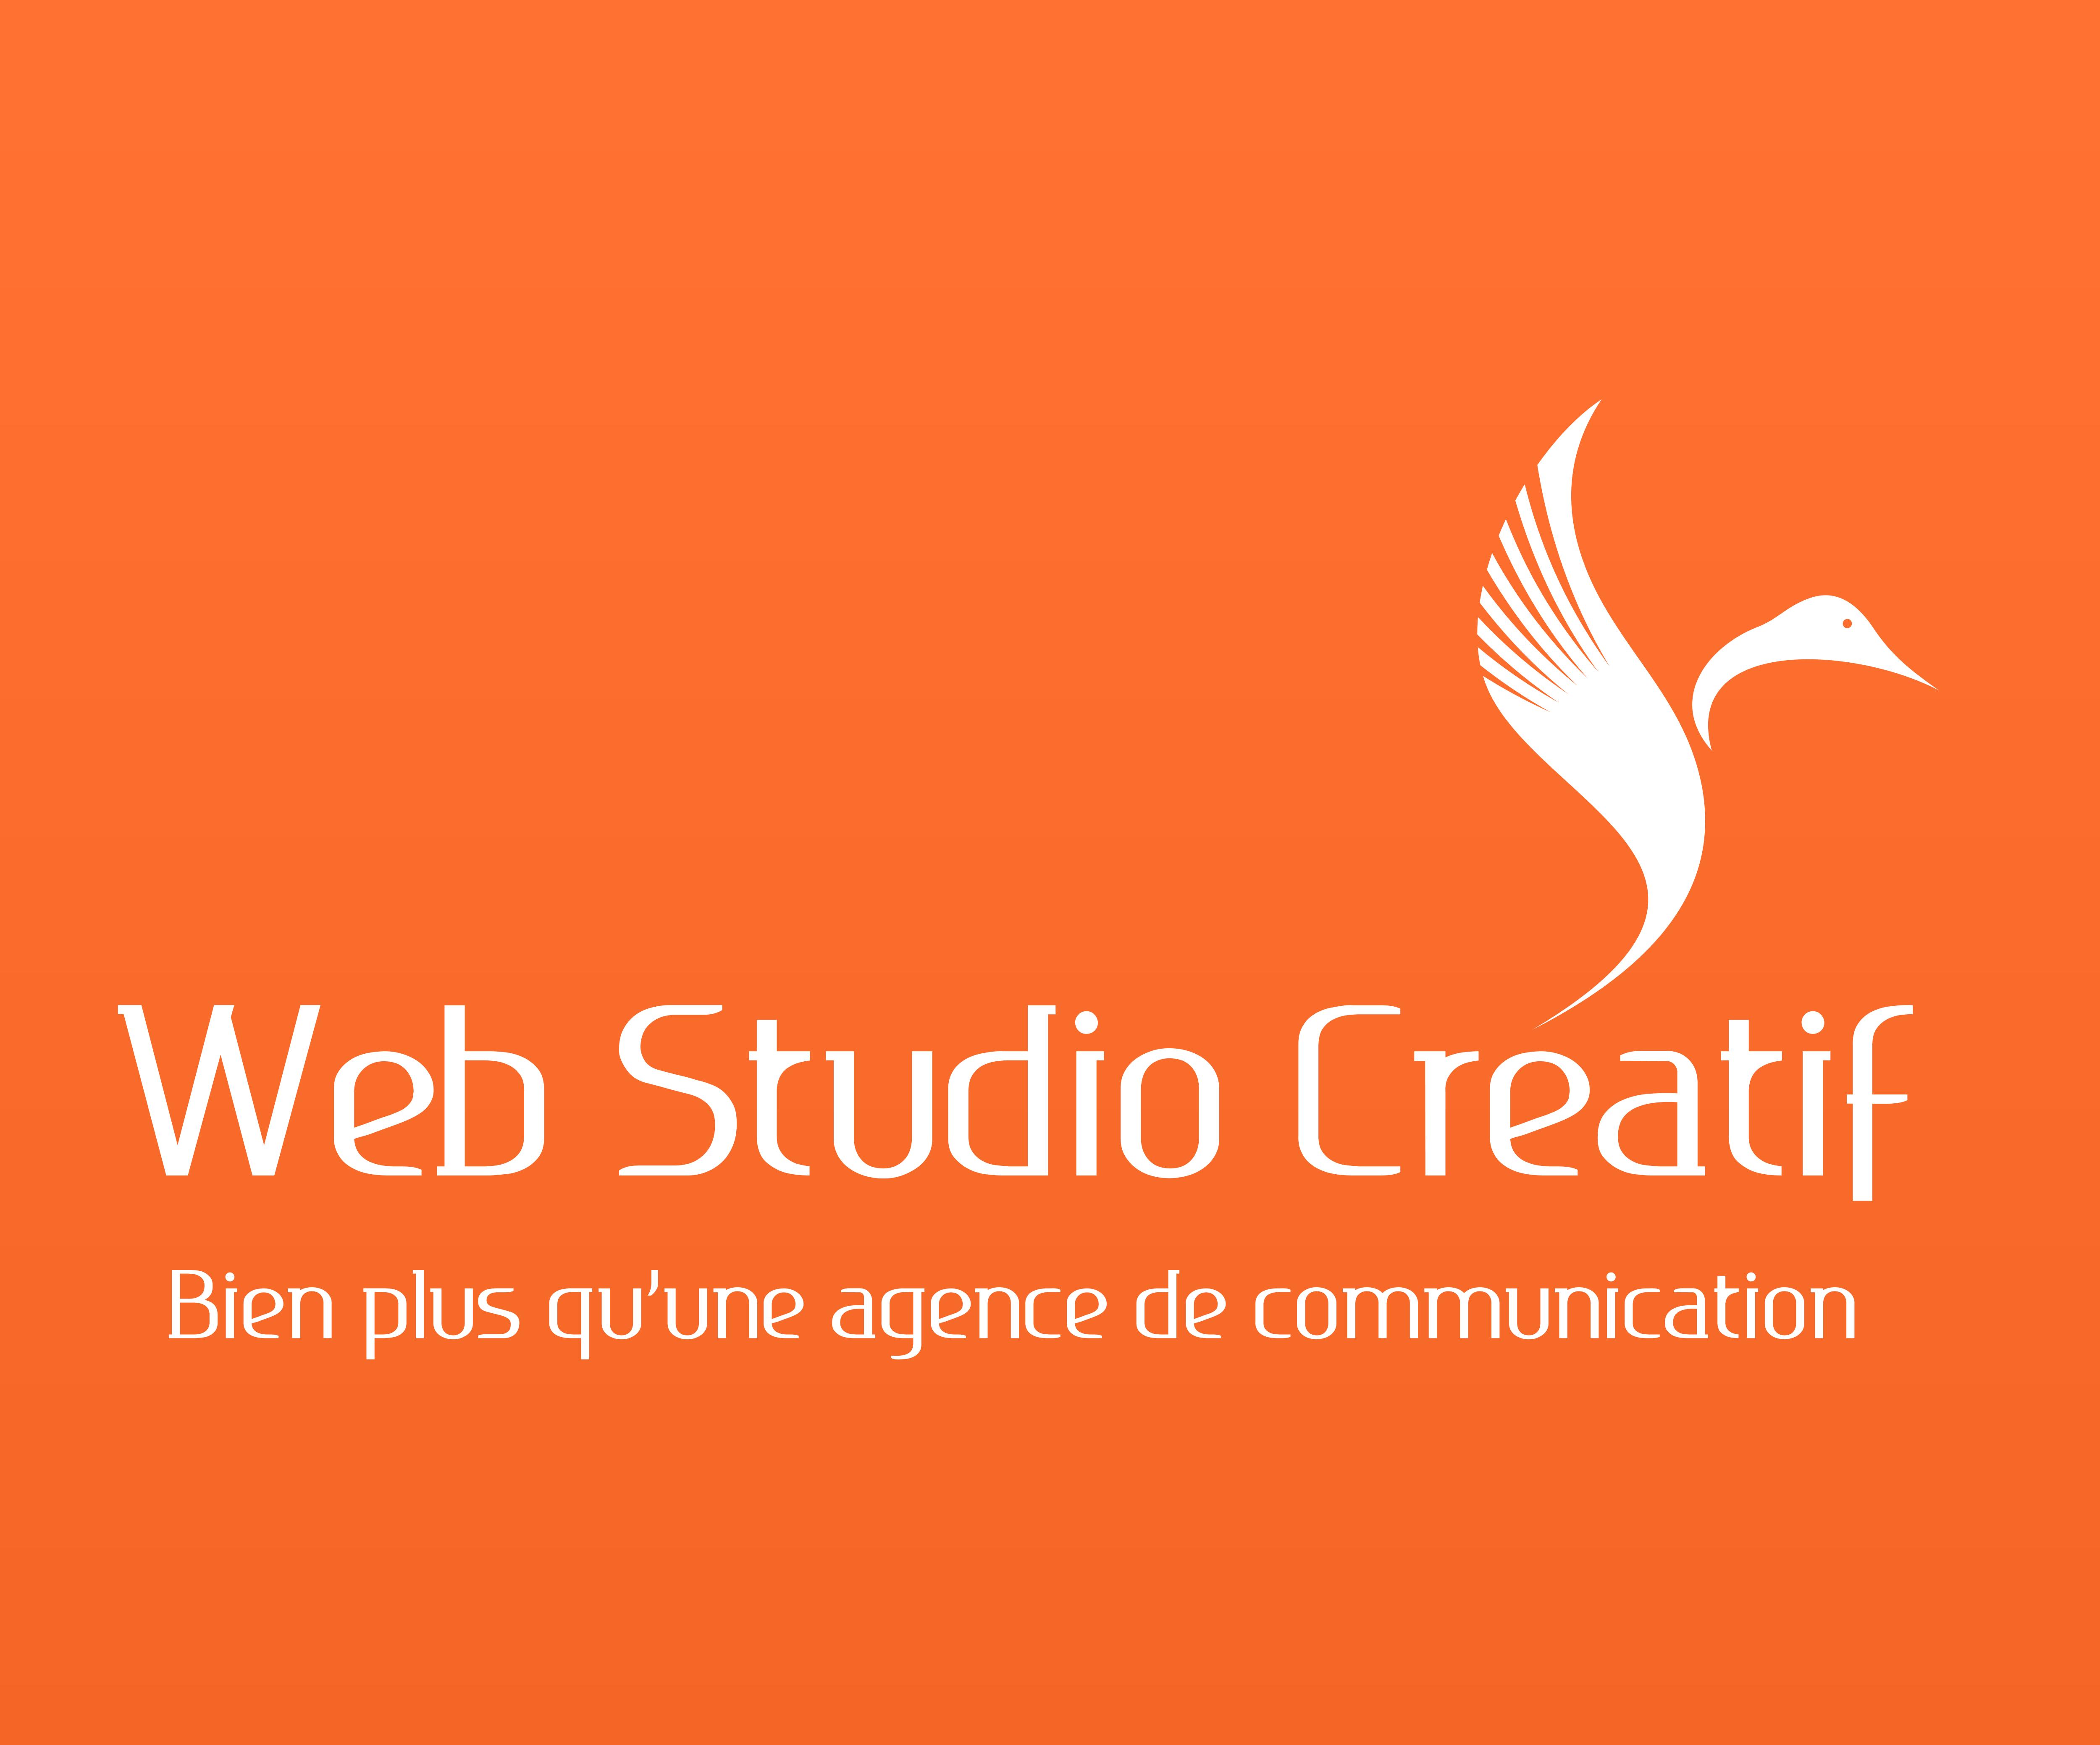 Web Studio Créatif